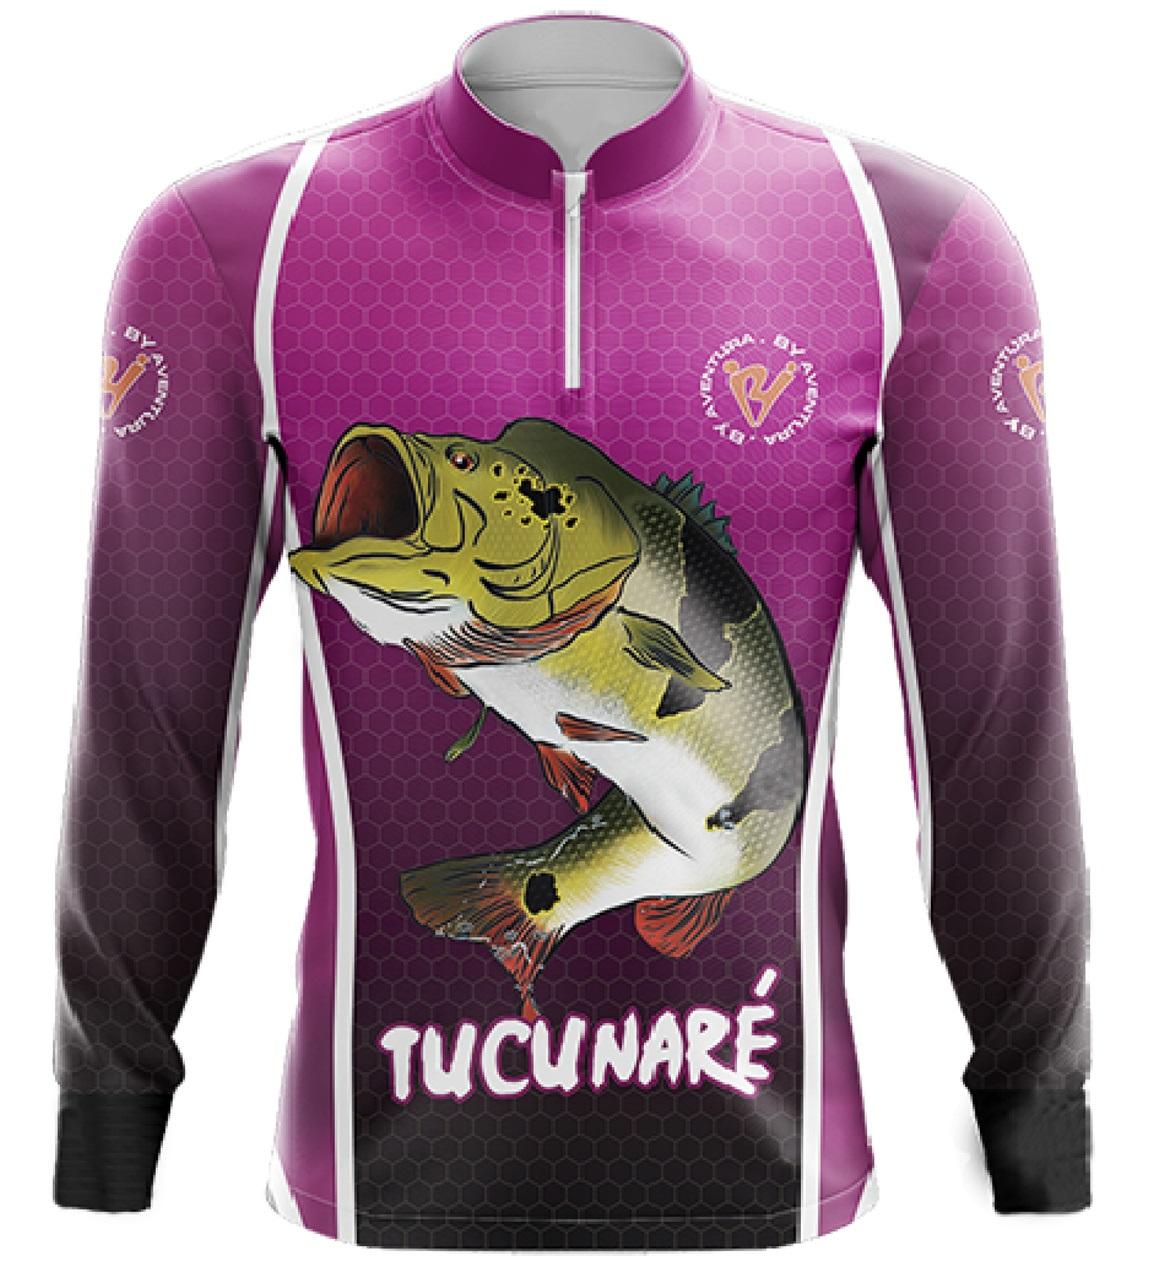 Camiseta Tucunare Fem - By Aventura - Ref.2005